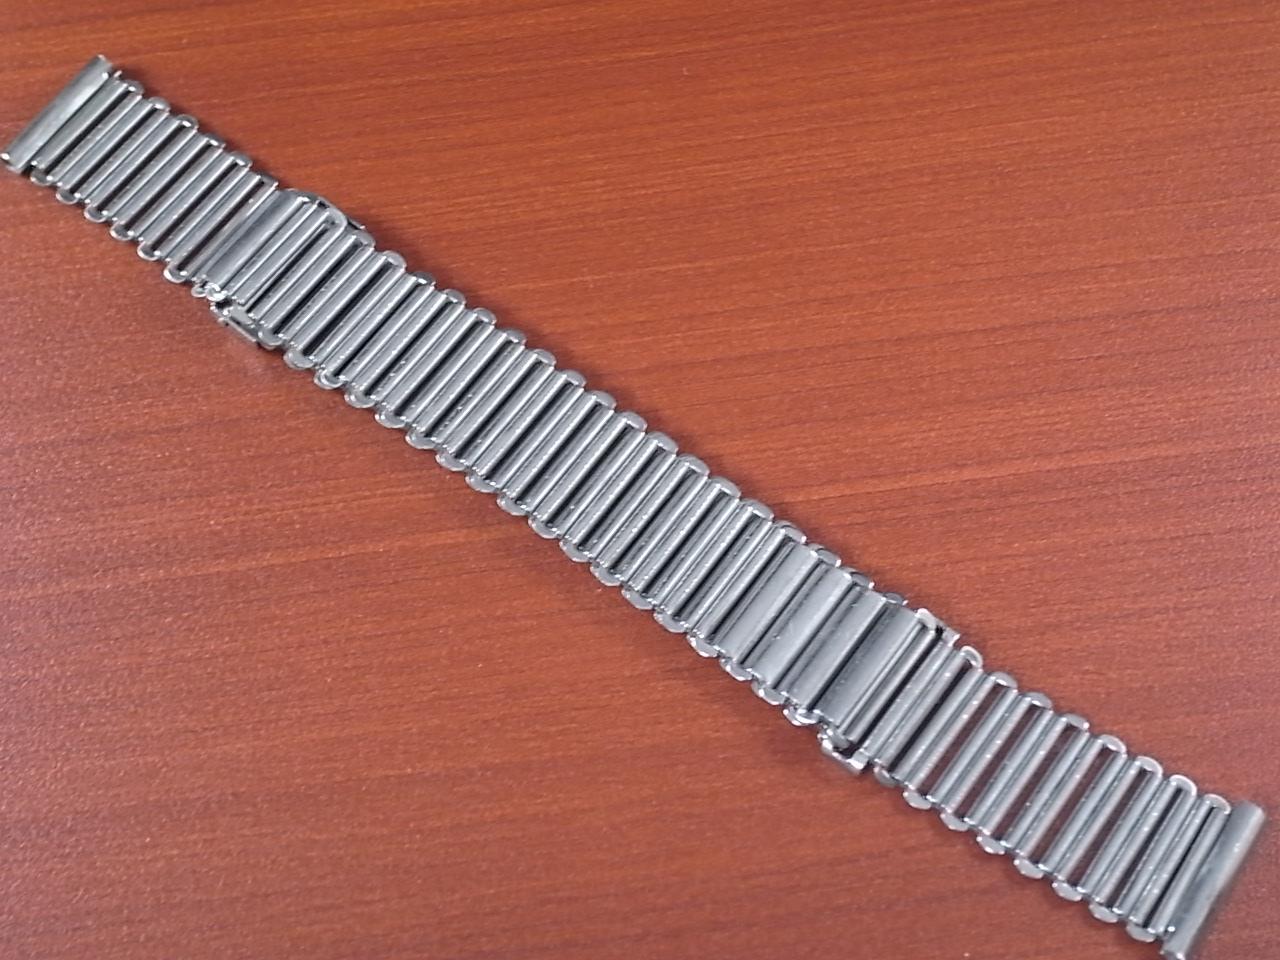 ボンクリップ バンブーブレス SS ブロック体ロゴ 16㎜タイプ 16㎜ BONKLIPの写真4枚目